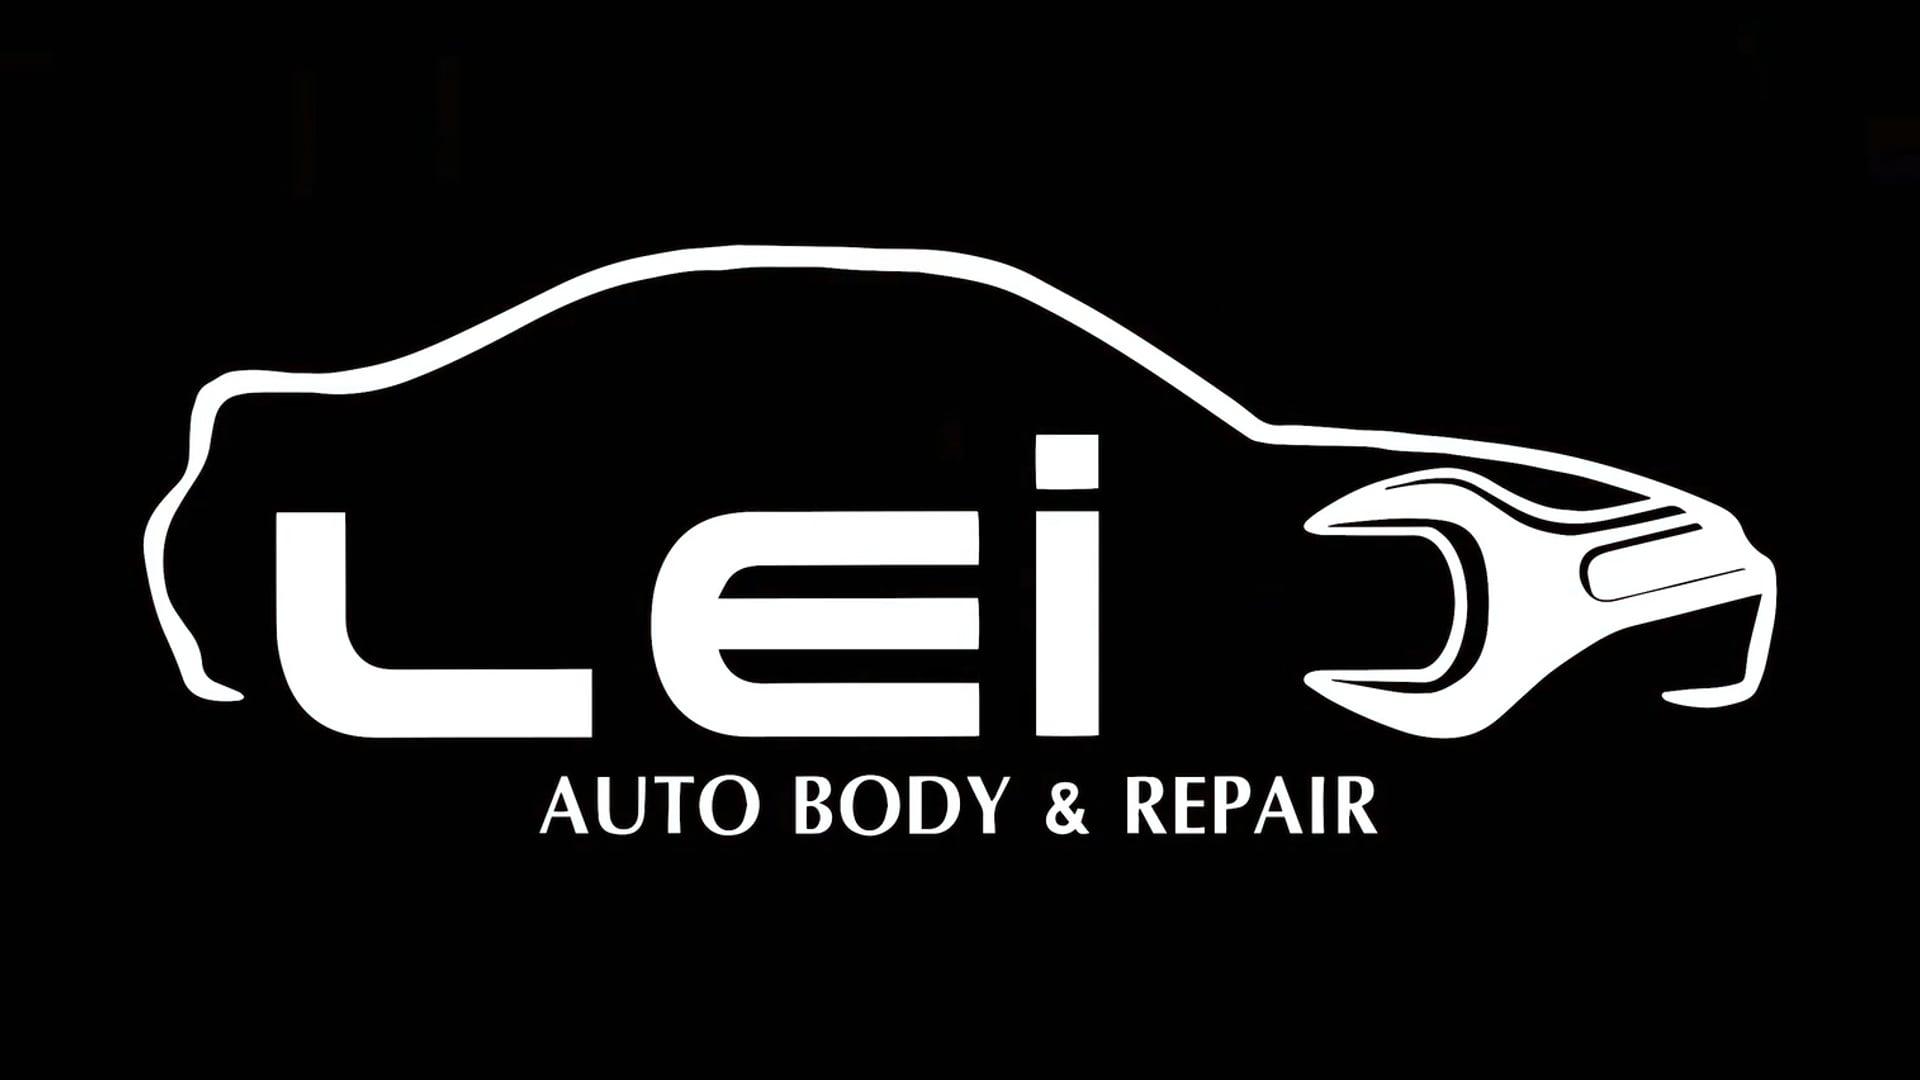 LEI Auto Body & Repair // Promotion 2019